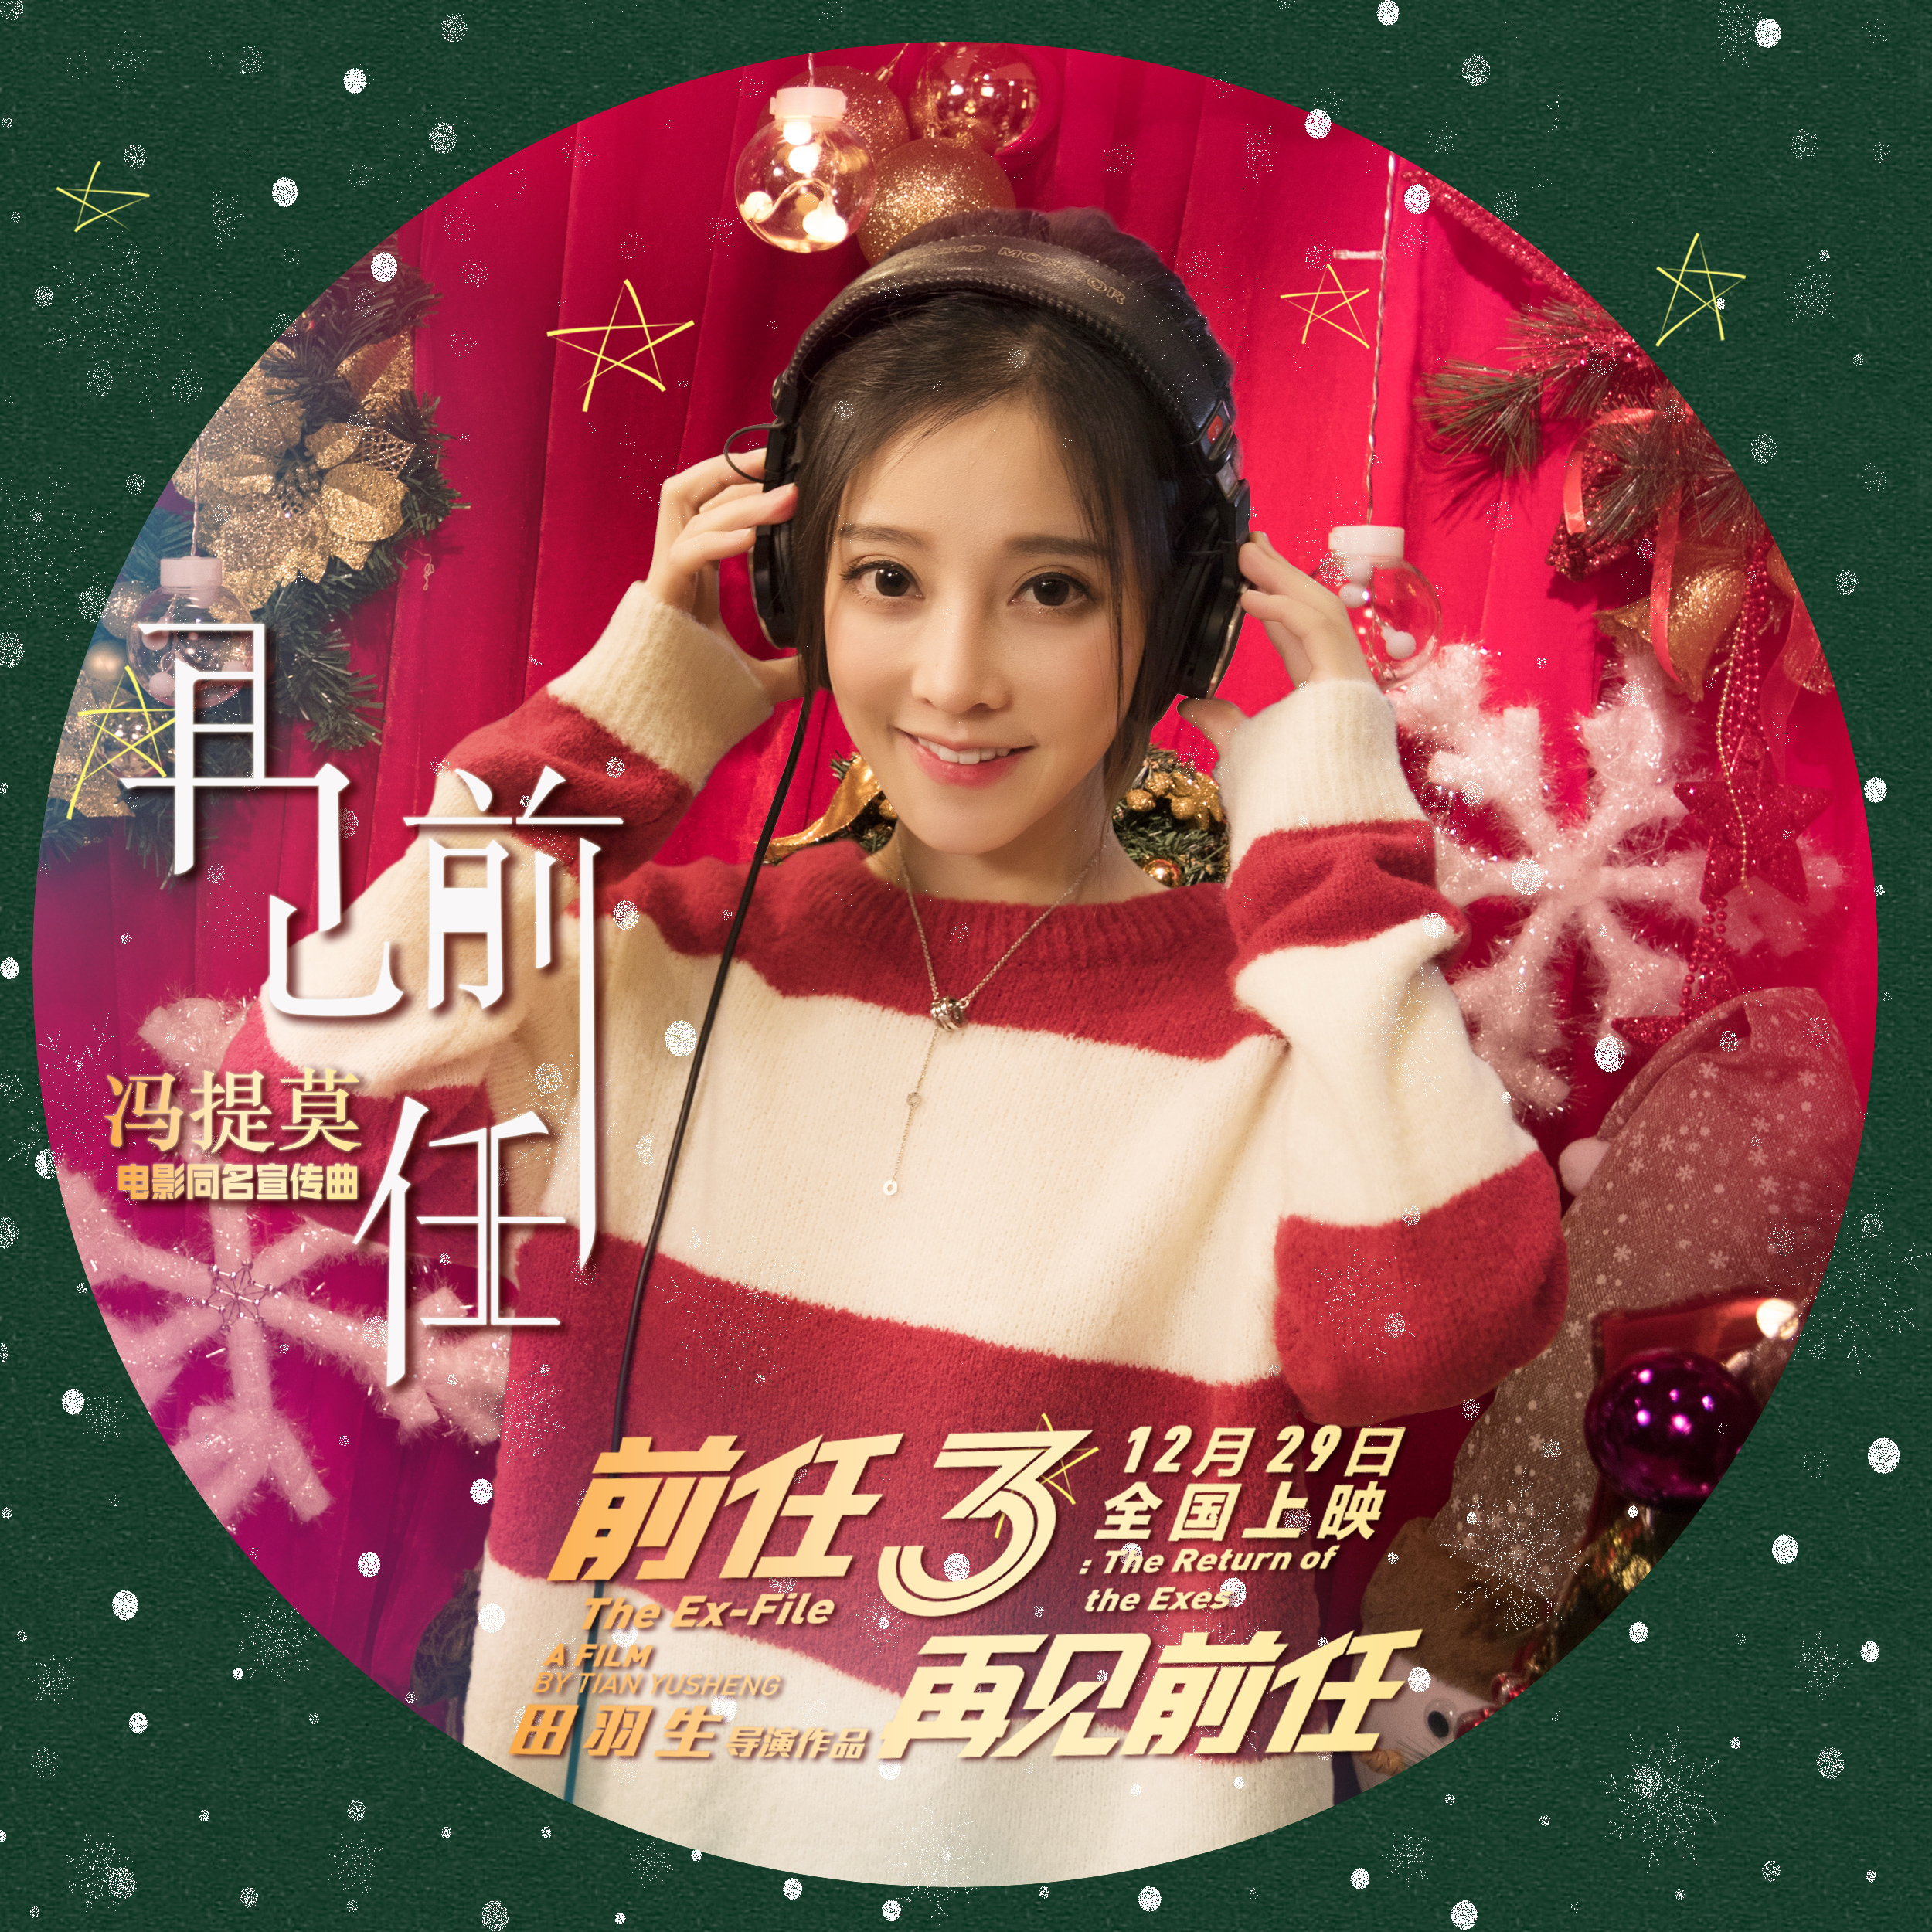 《前任3》发同名宣传曲MV 歌词诠释洒脱少女心